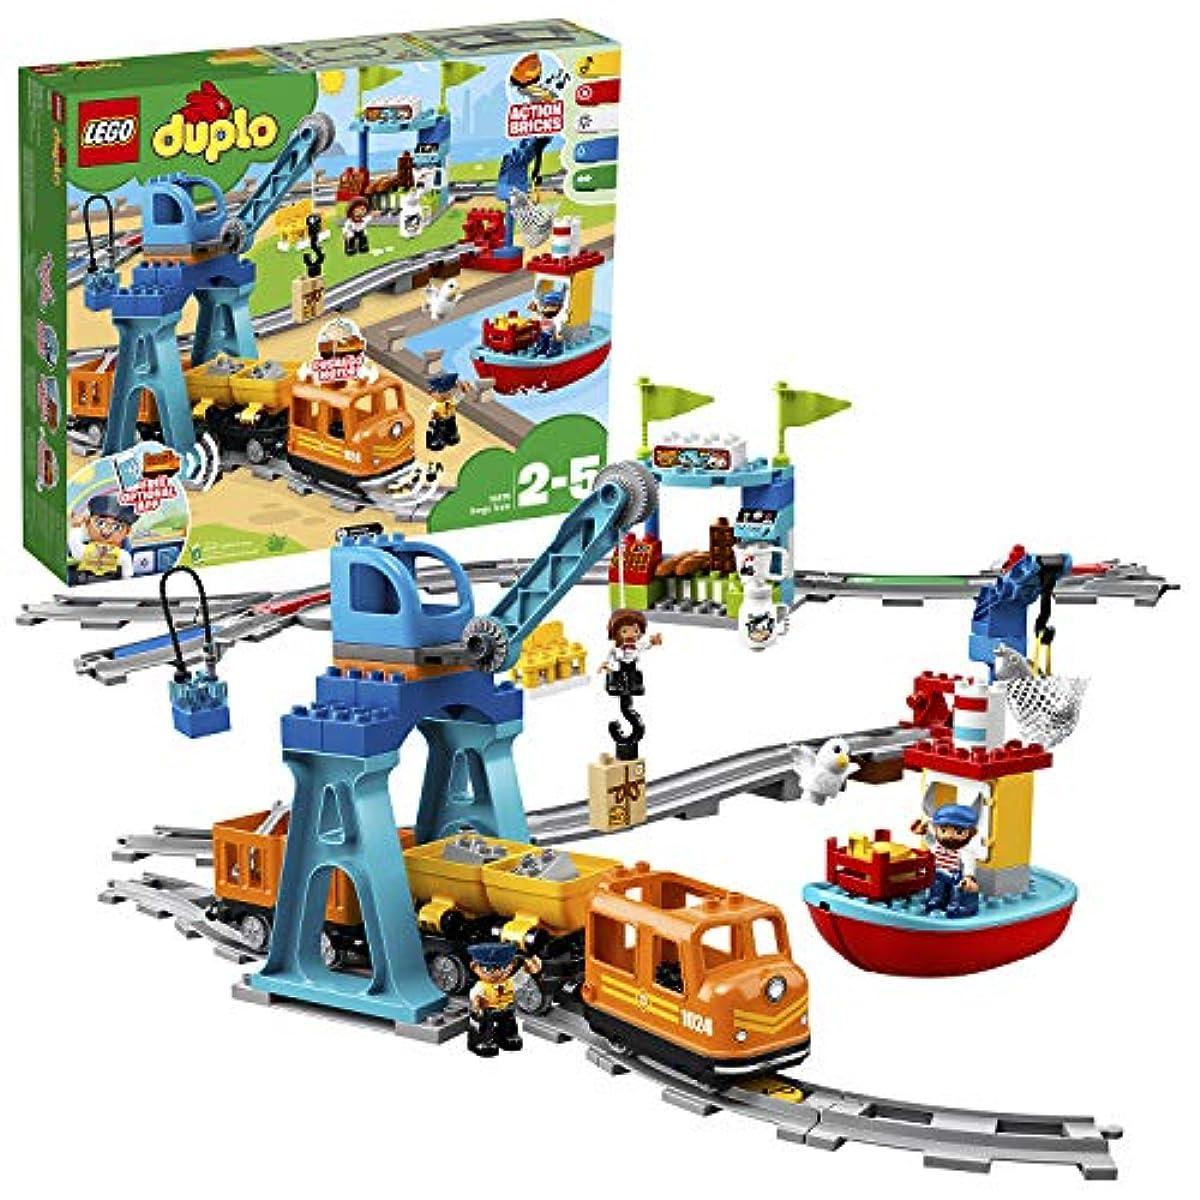 [해외] 레고(LEGO)듀플로 그마이스터 (meister) 차장씨! 하 GO기관차 슈퍼 디럭스 10875